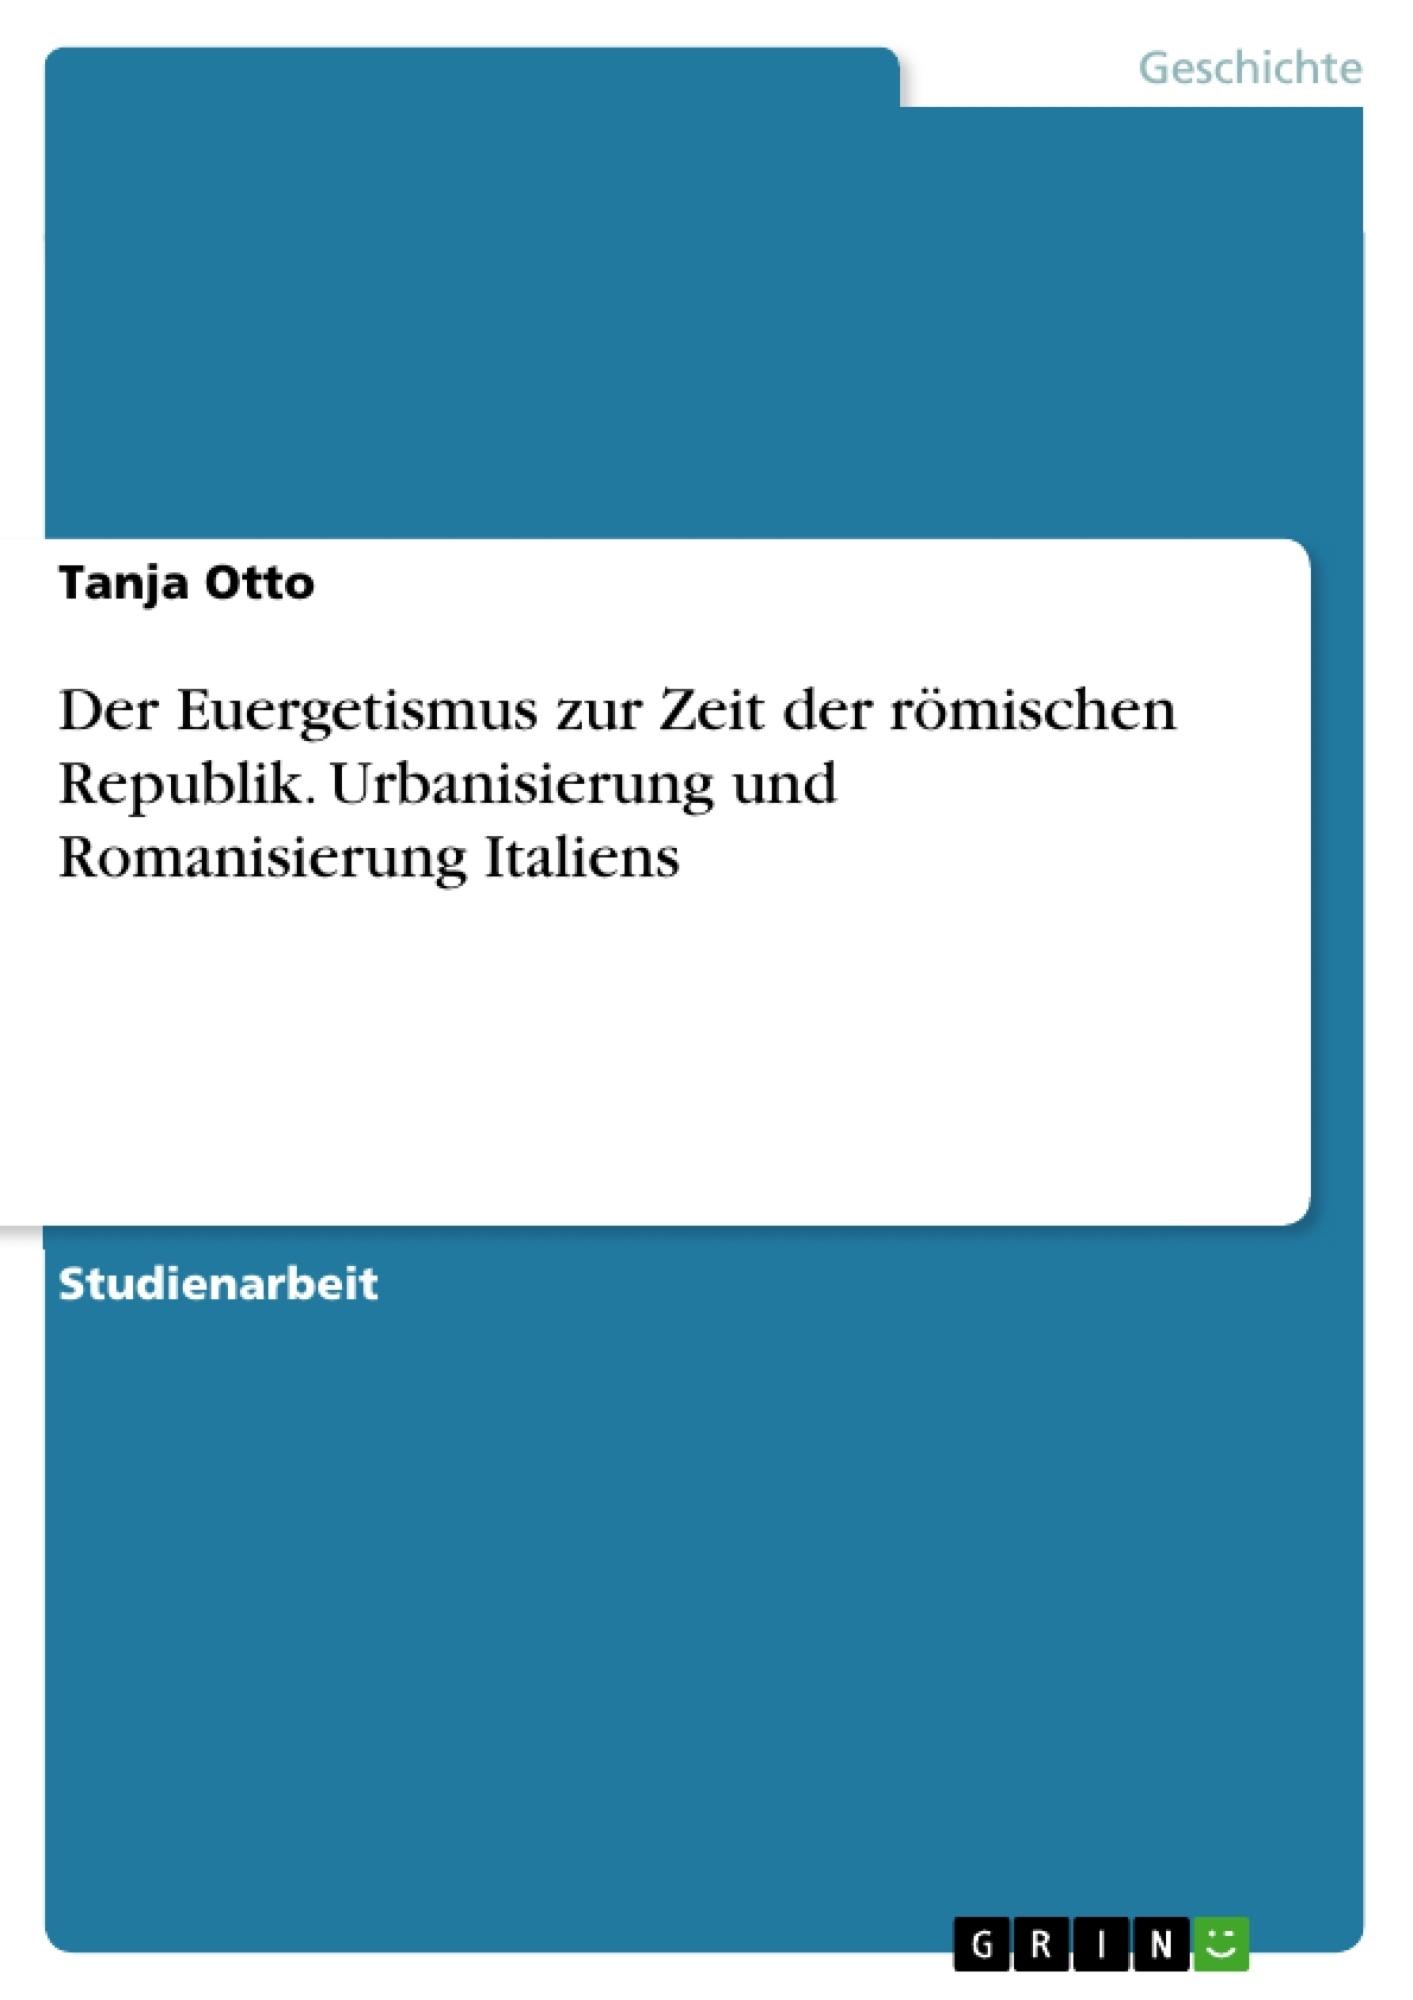 Titel: Der Euergetismus zur Zeit der römischen Republik. Urbanisierung und Romanisierung Italiens